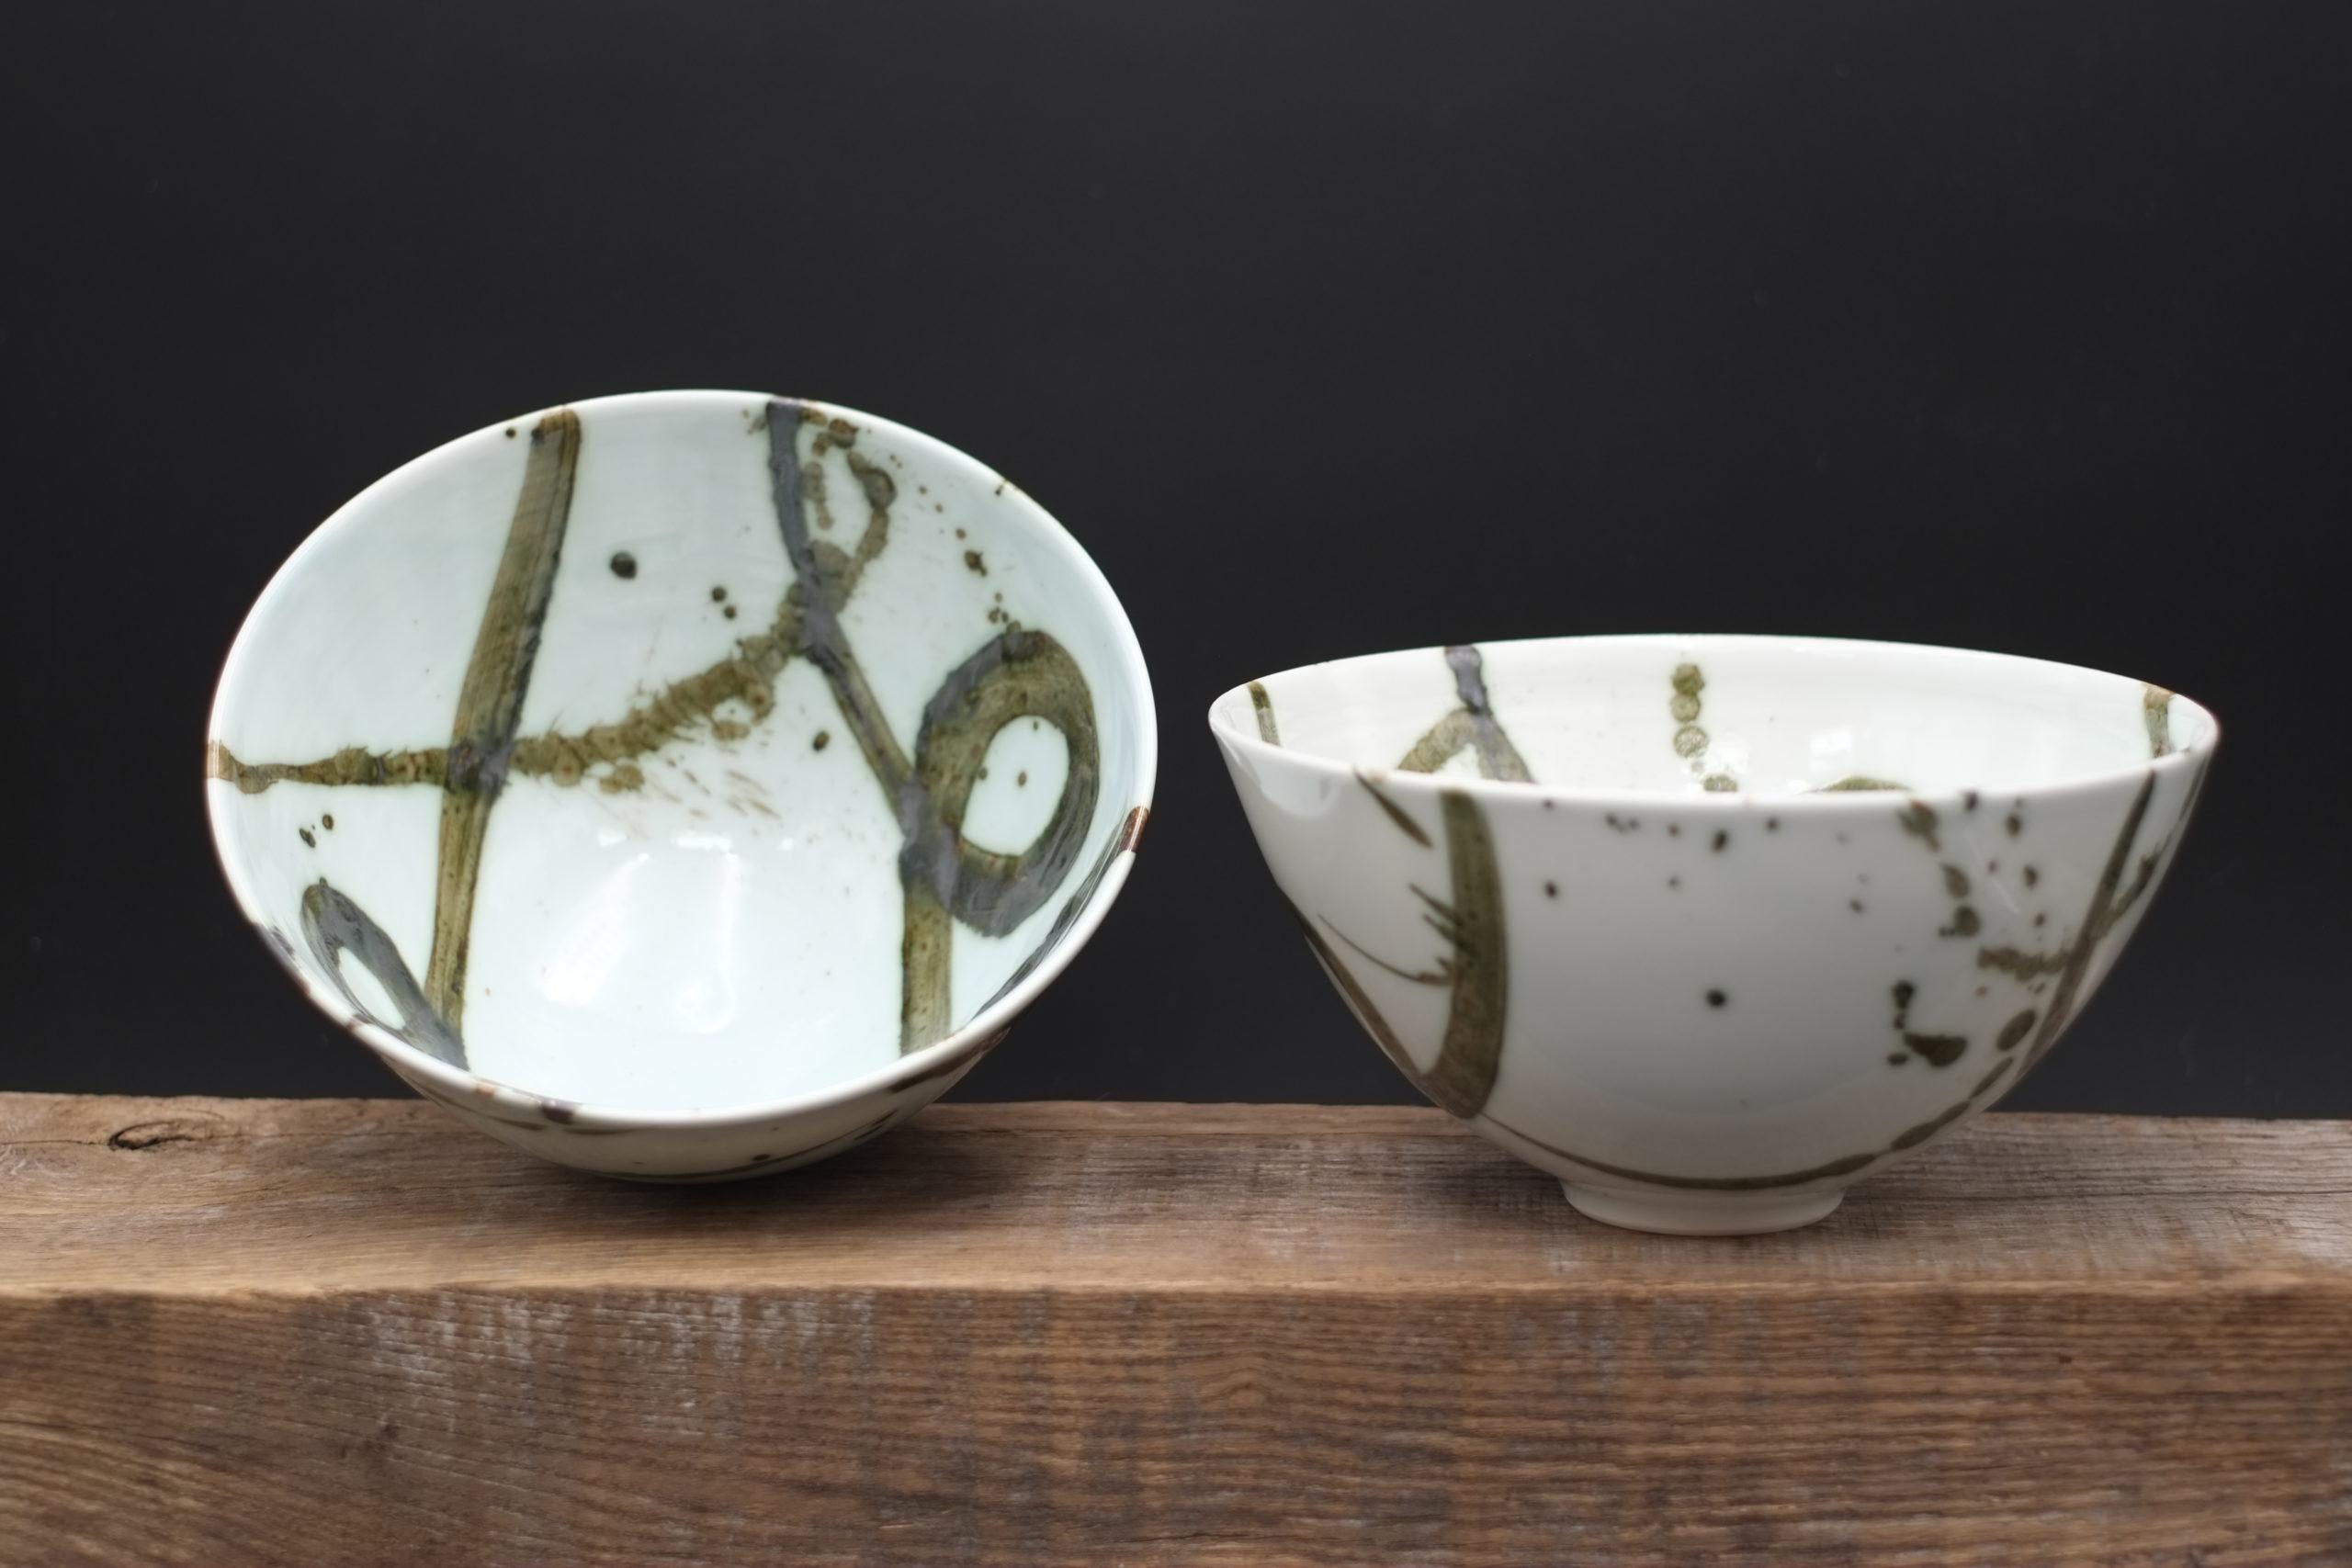 Tricia Thom. Noodle bowls